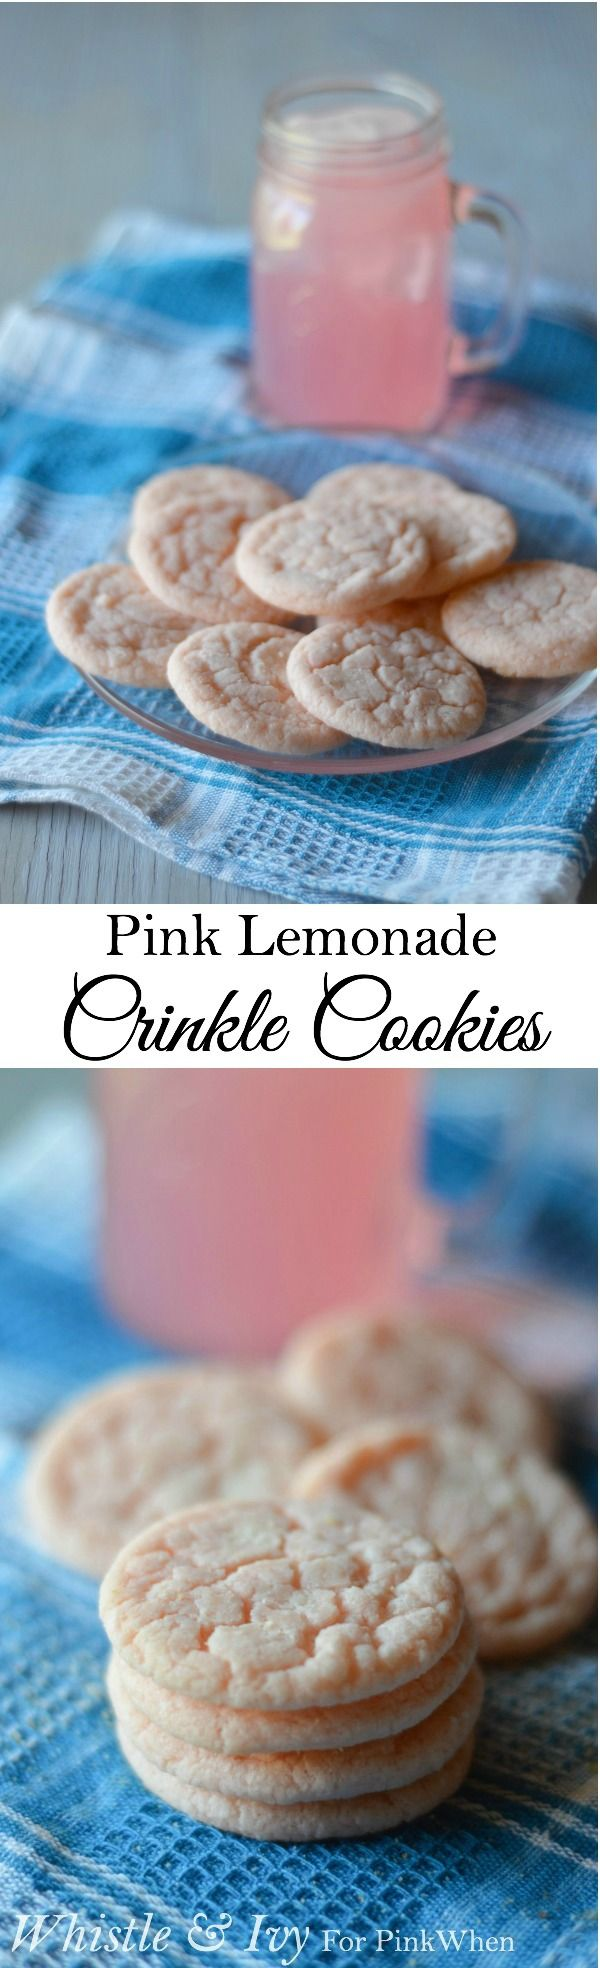 Yummy and easy Pink Lemonade Crinkle Cookies!